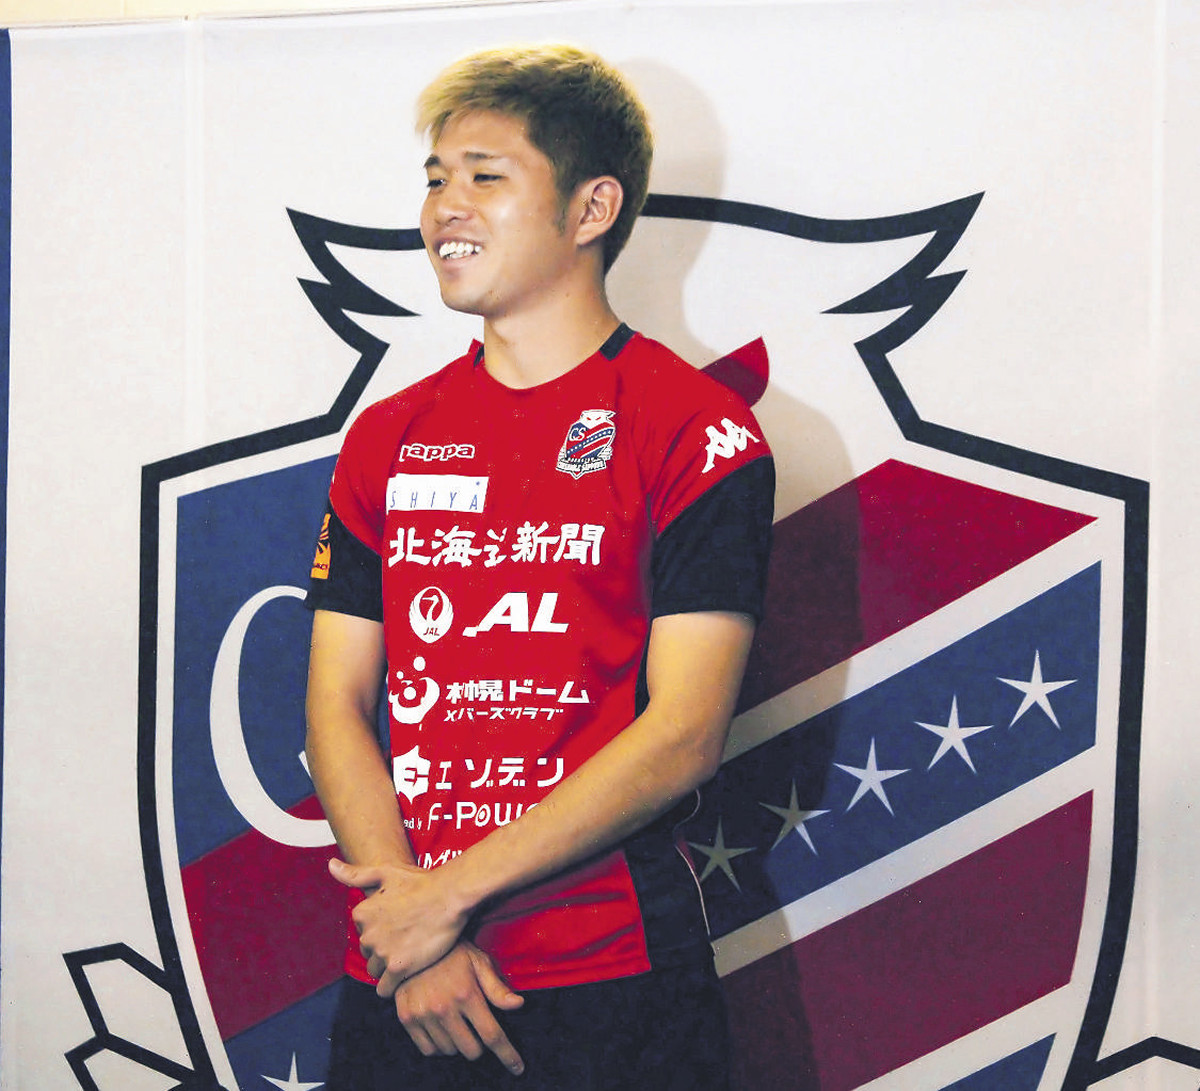 日本代表に初選出され、会見で笑顔を見せた札幌DF進藤